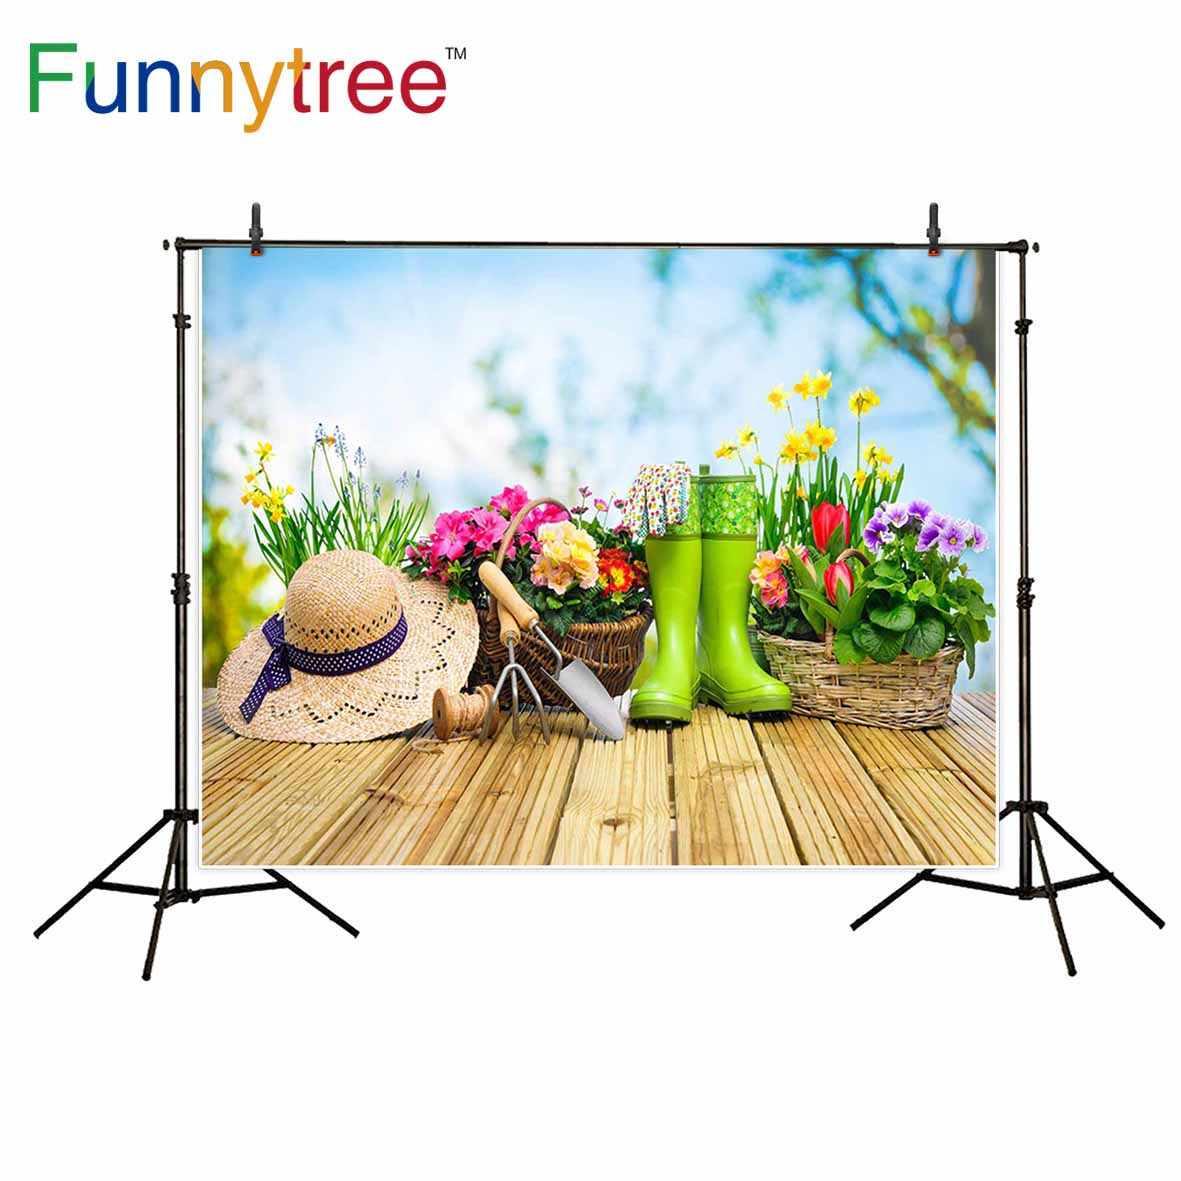 Funnytree Herramientas De Jardinería Y Flores En La Terraza En El Jardín Fondos De Decoración Para Fondo De Estudio Fotográfico